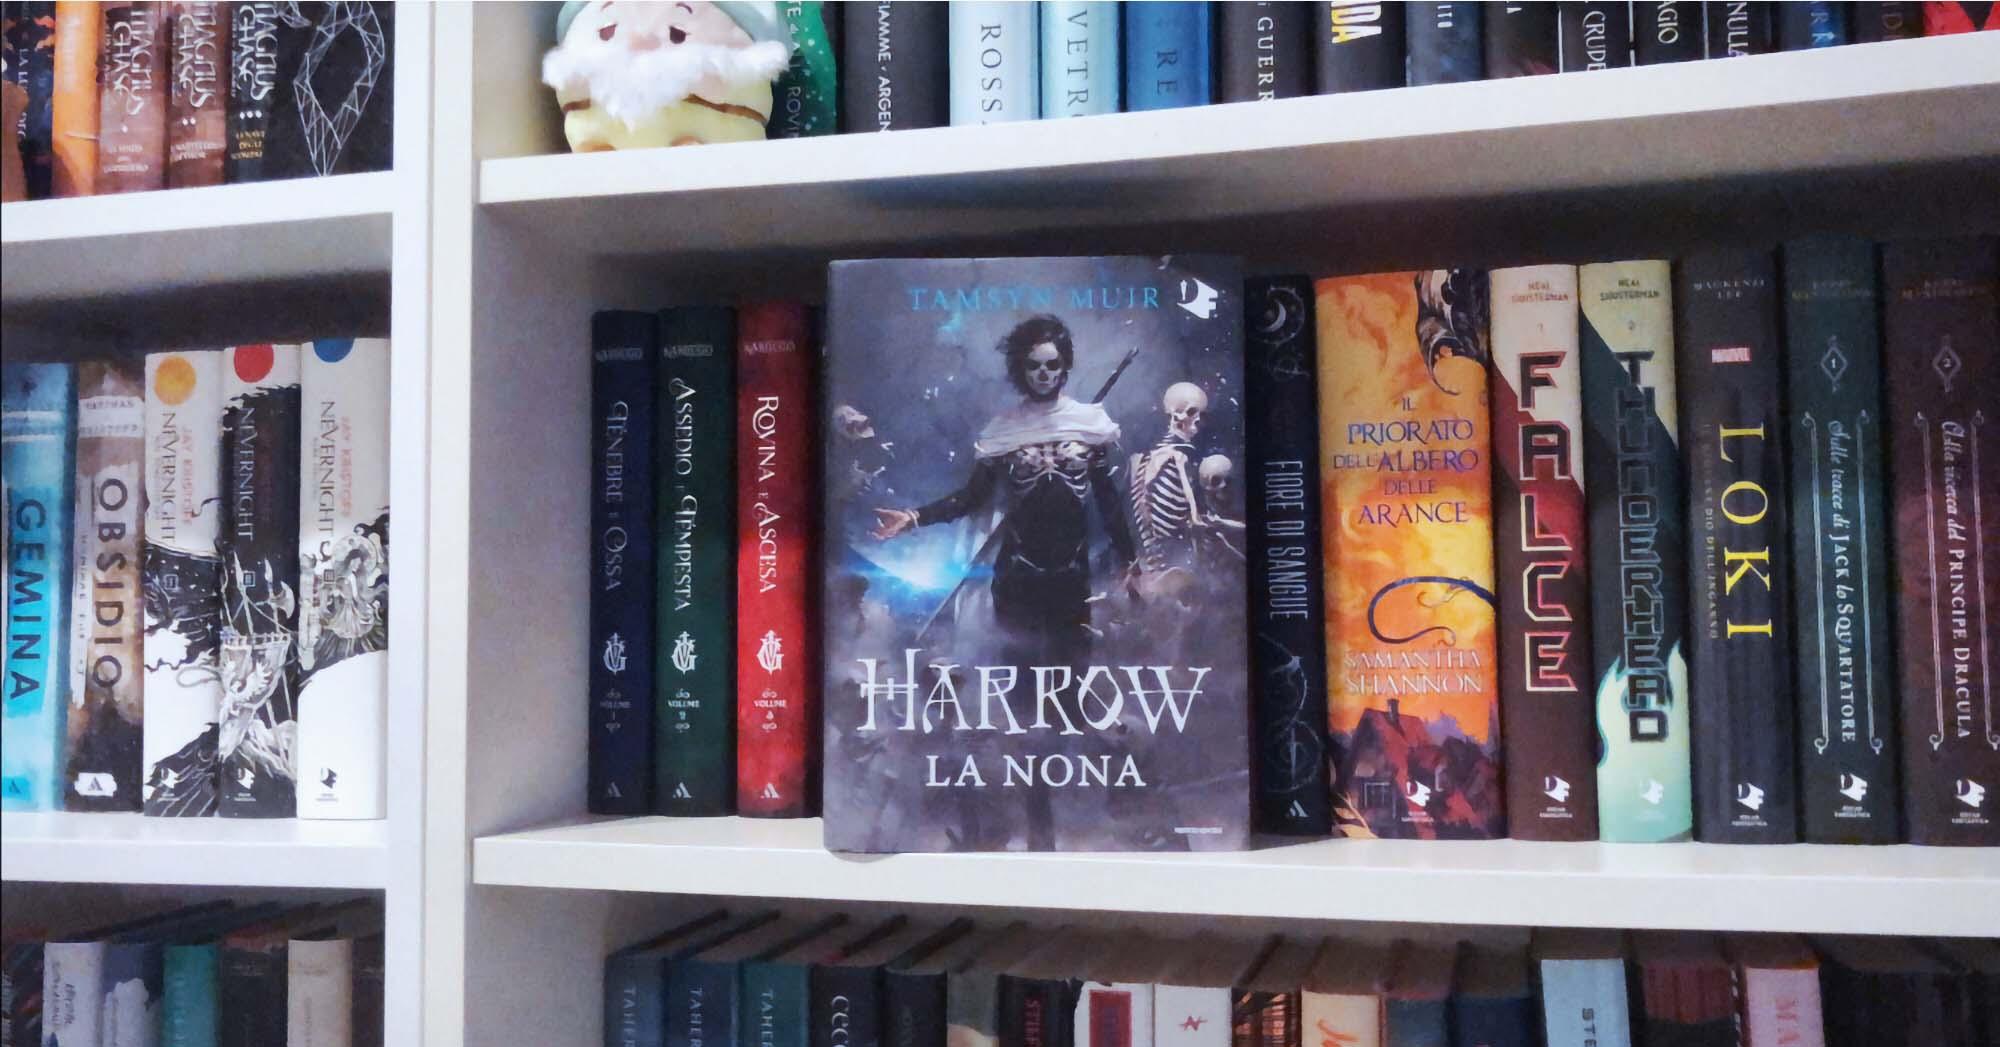 """Foto di una libreria con gli scaffali pieni e """"Harrow. La nona"""" in primo piano"""